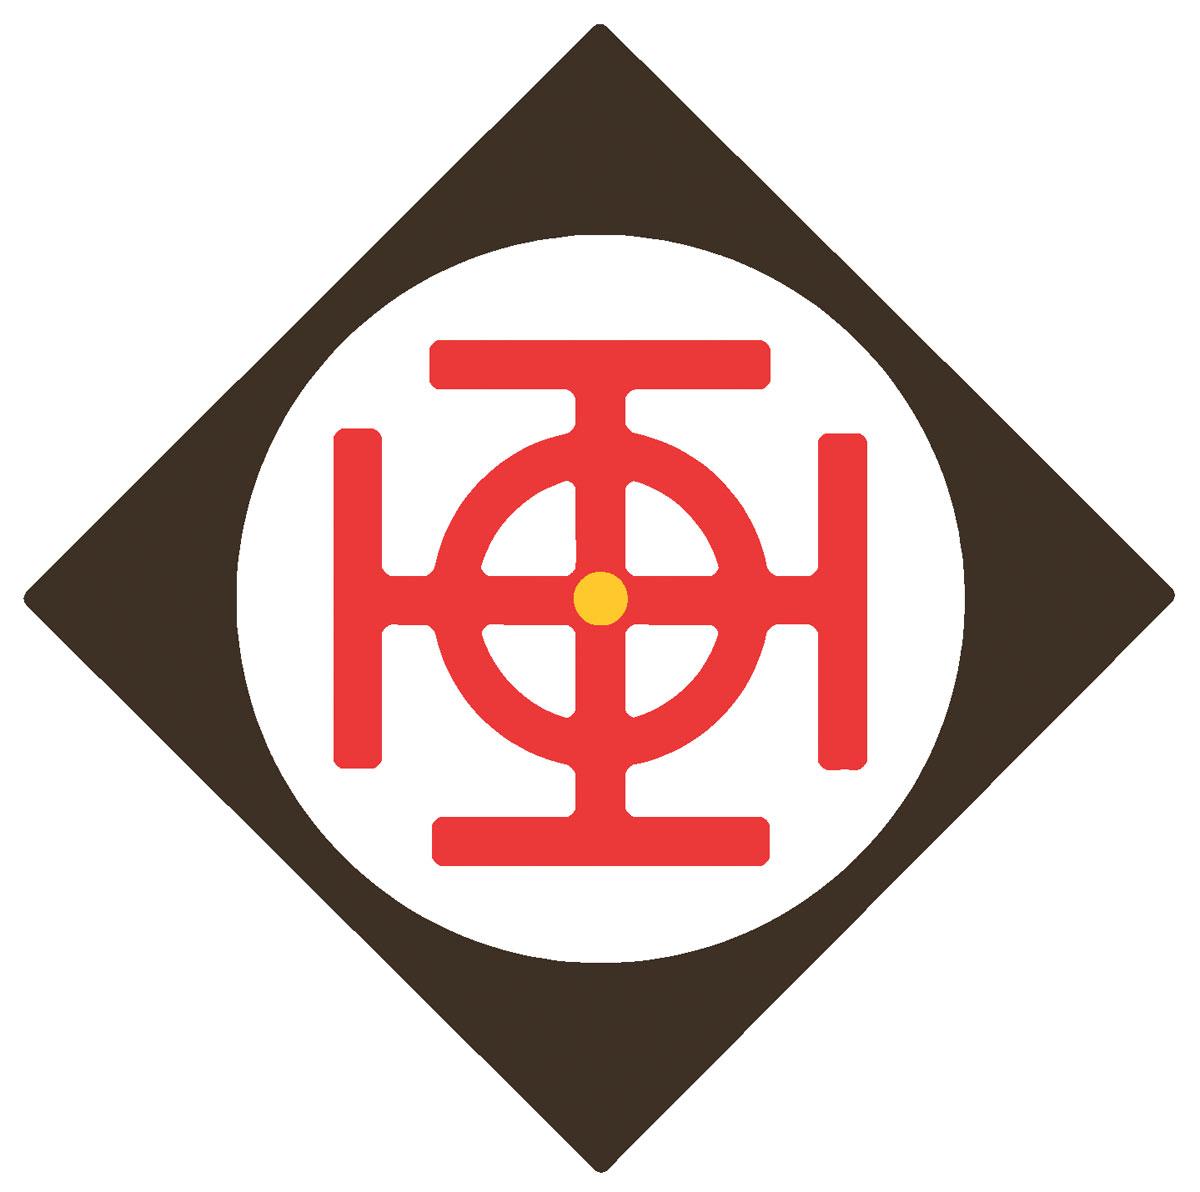 A különböző változataiban általában a jógához kapcsolódó laya kriya szimbólum gyakran felbukkan a László András tanulmányait közlő folyóiratokban